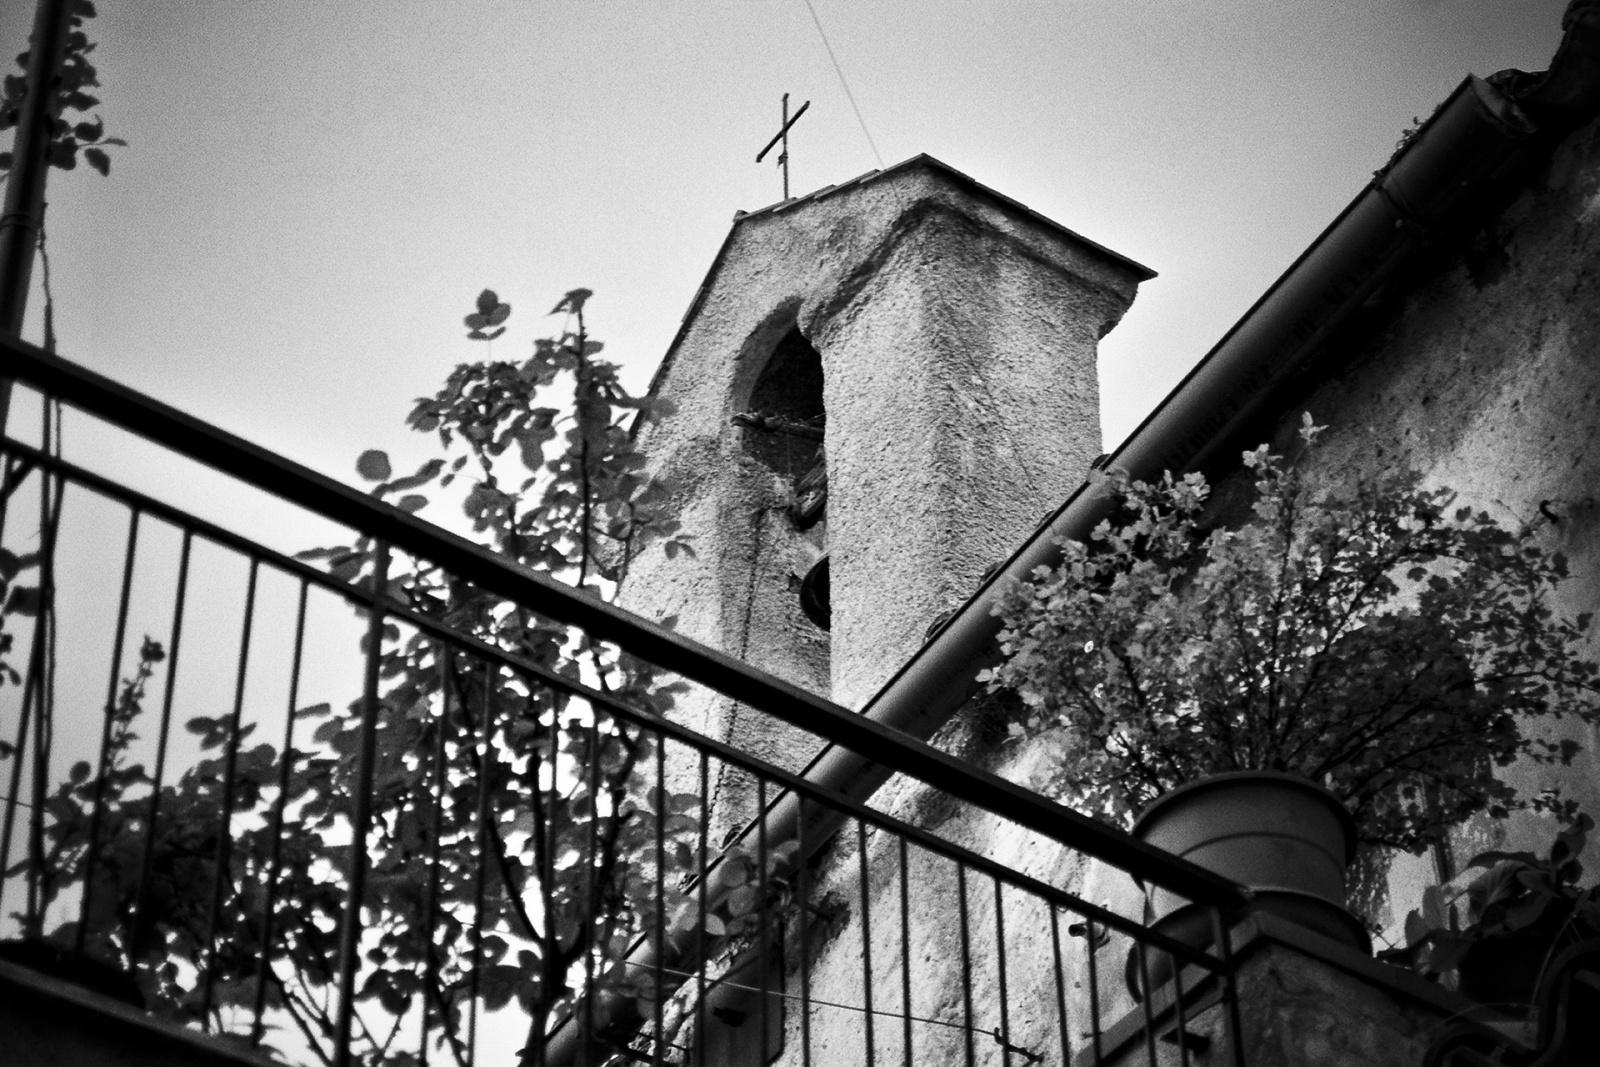 Campanile della Cappella di San Gennaro, costruita nel 1692 e annessa al palazzo dei Salinas in via San Gennaro. © Valentino Petrosino.